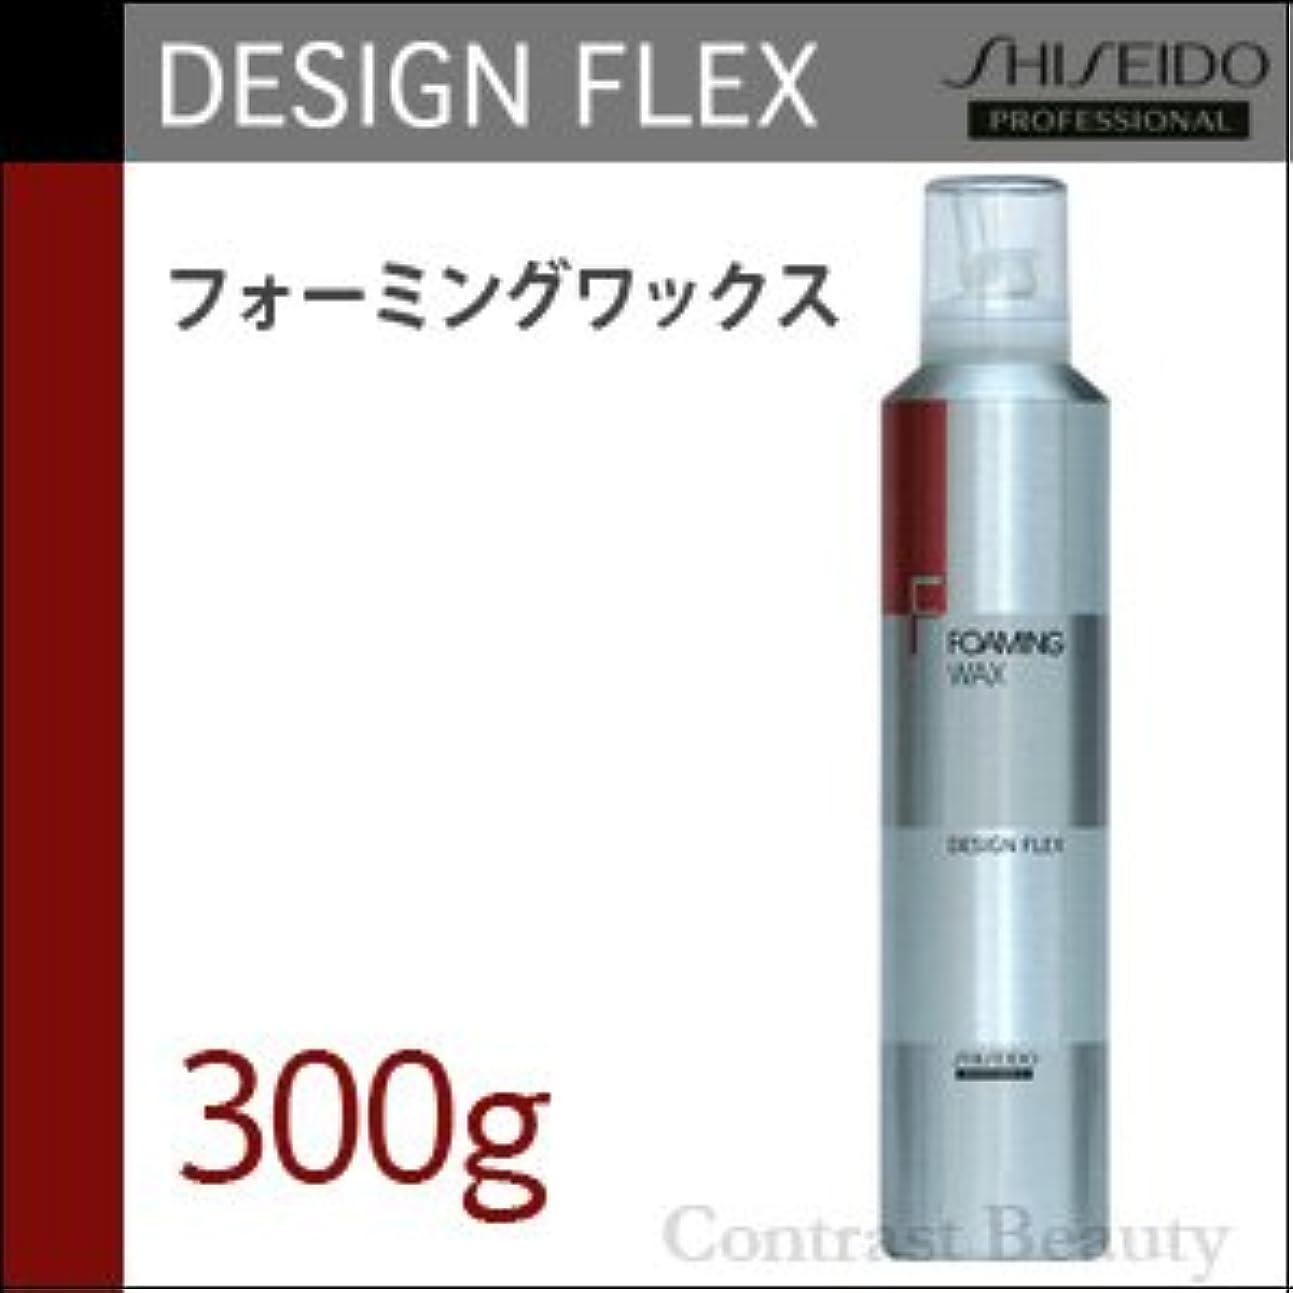 裁判所アプトギャラントリー【x2個セット】 資生堂 デザインフレックス フォーミングワックス 300g